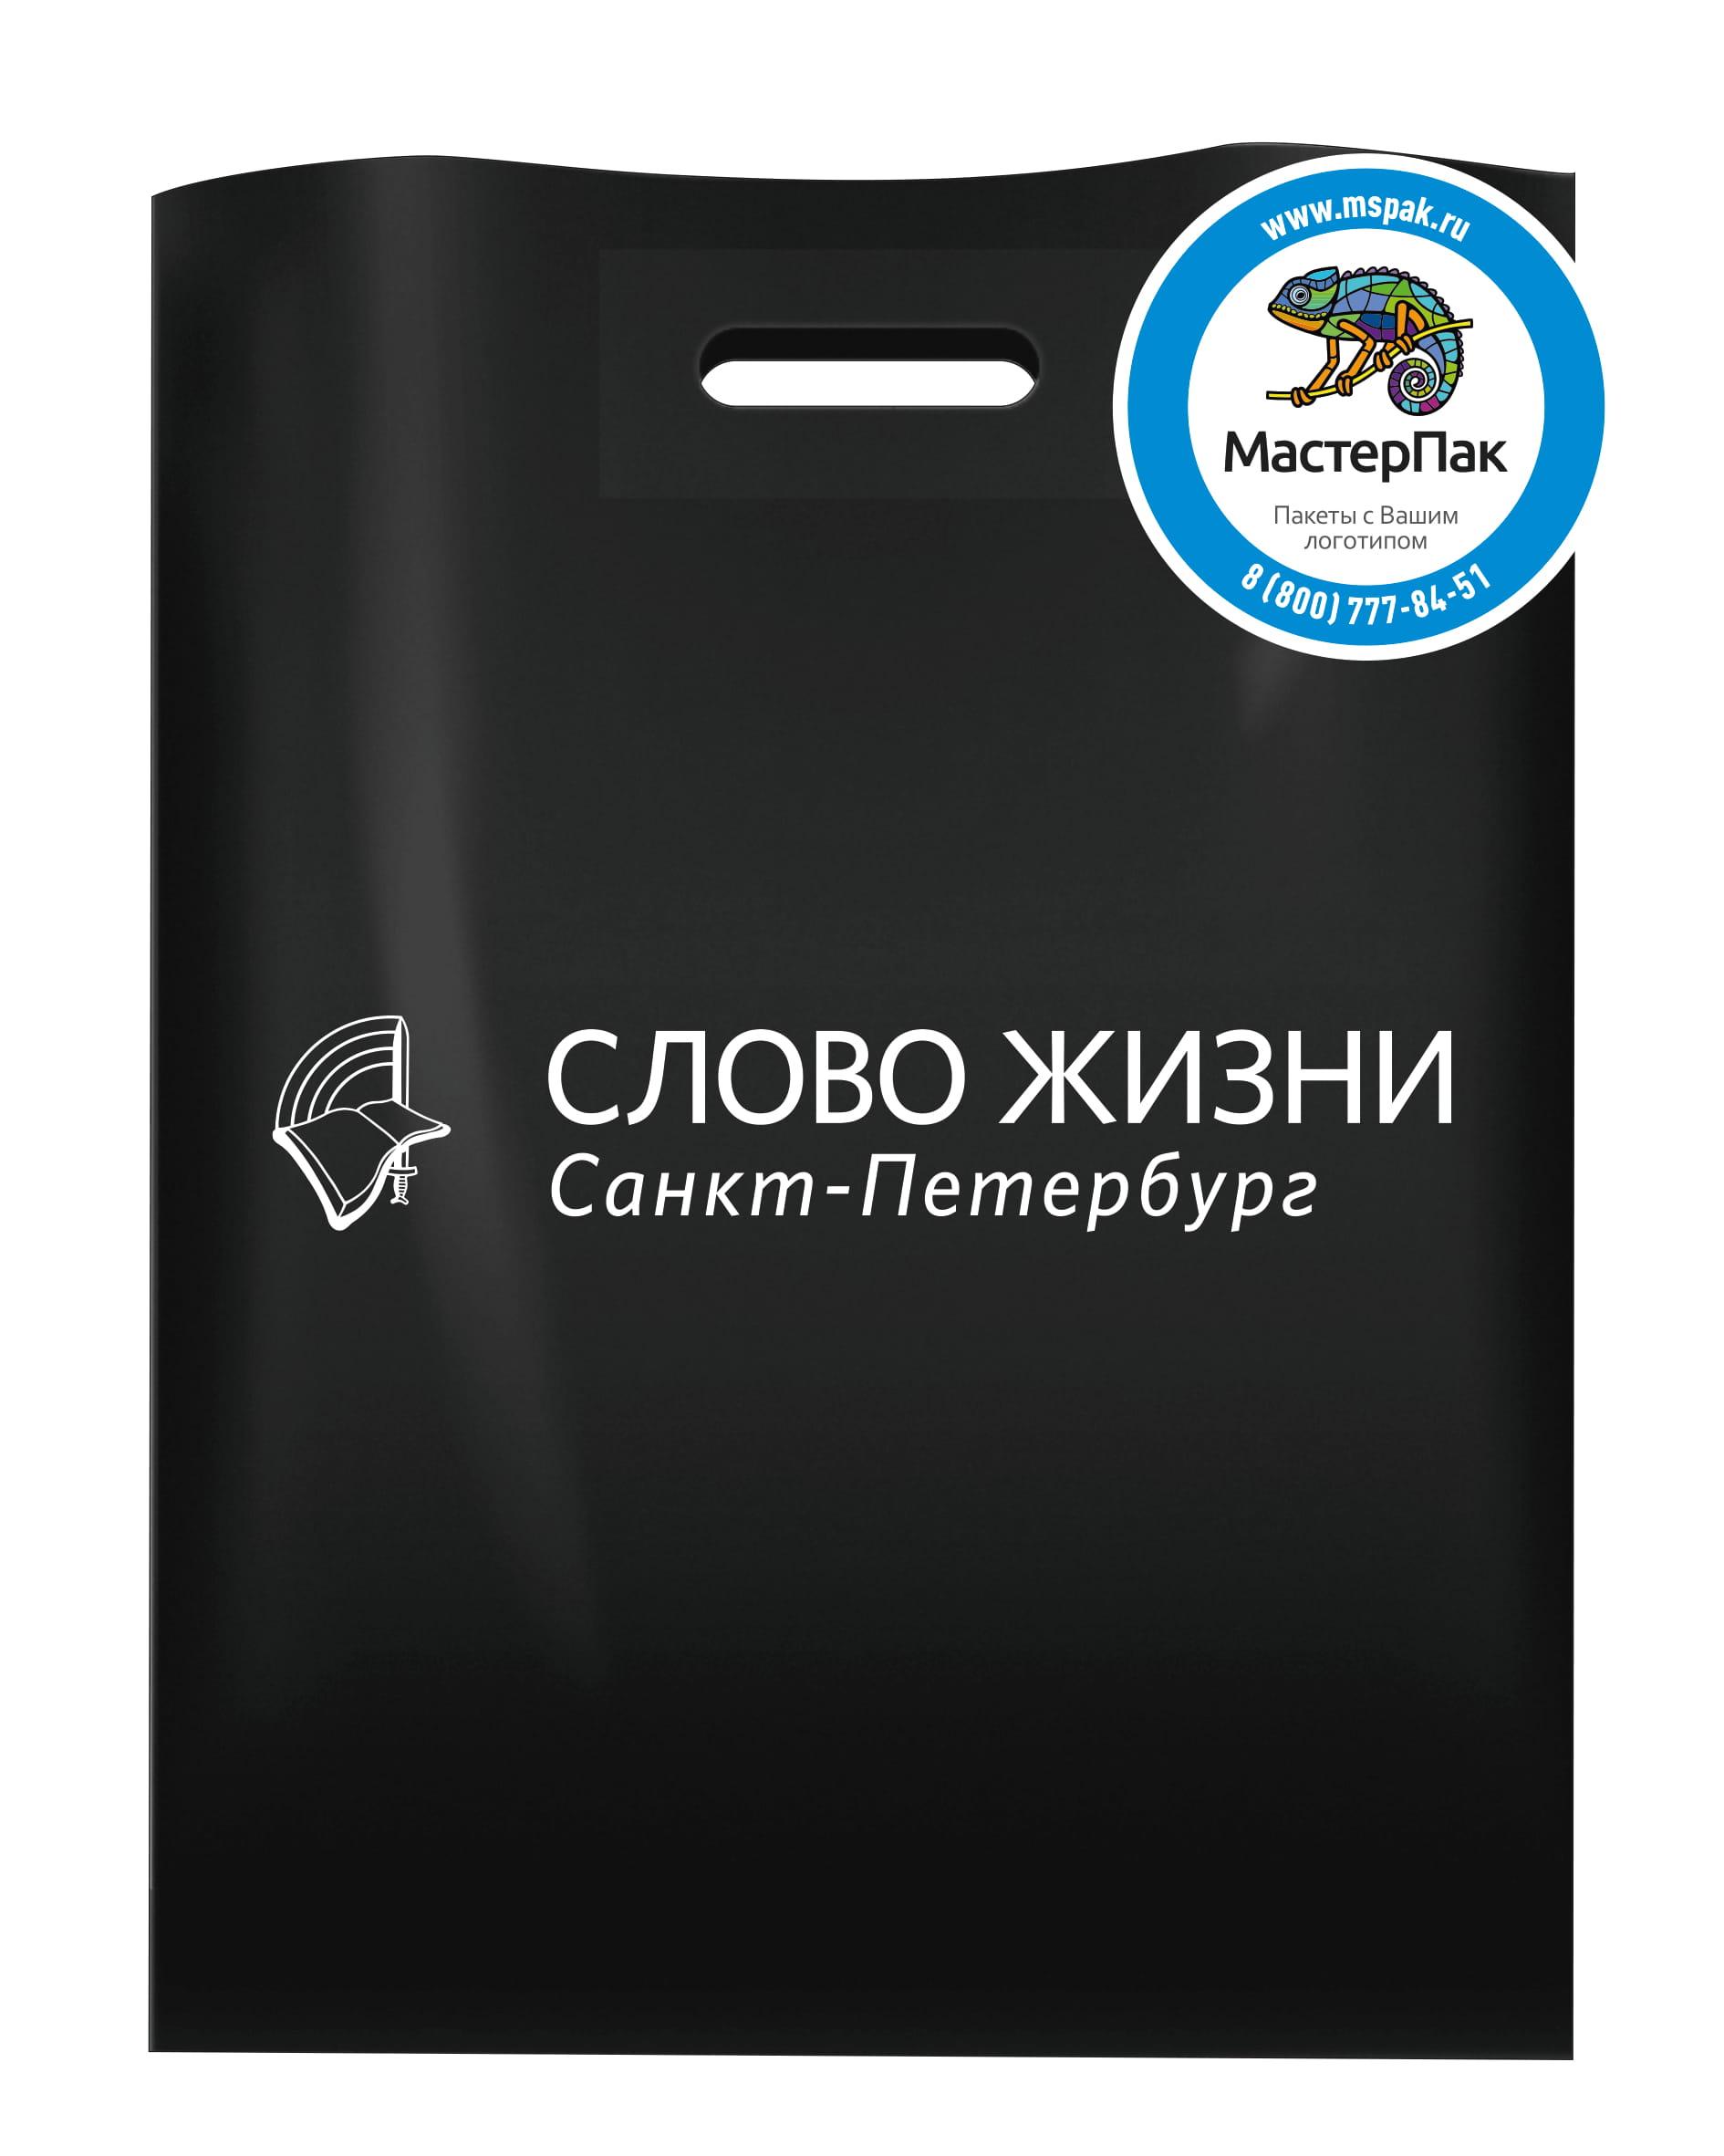 Пакет ПВД белый, с вырубной ручкой и логотипом Слово жизни, Спб, 70 мкм, 22,5*34 см